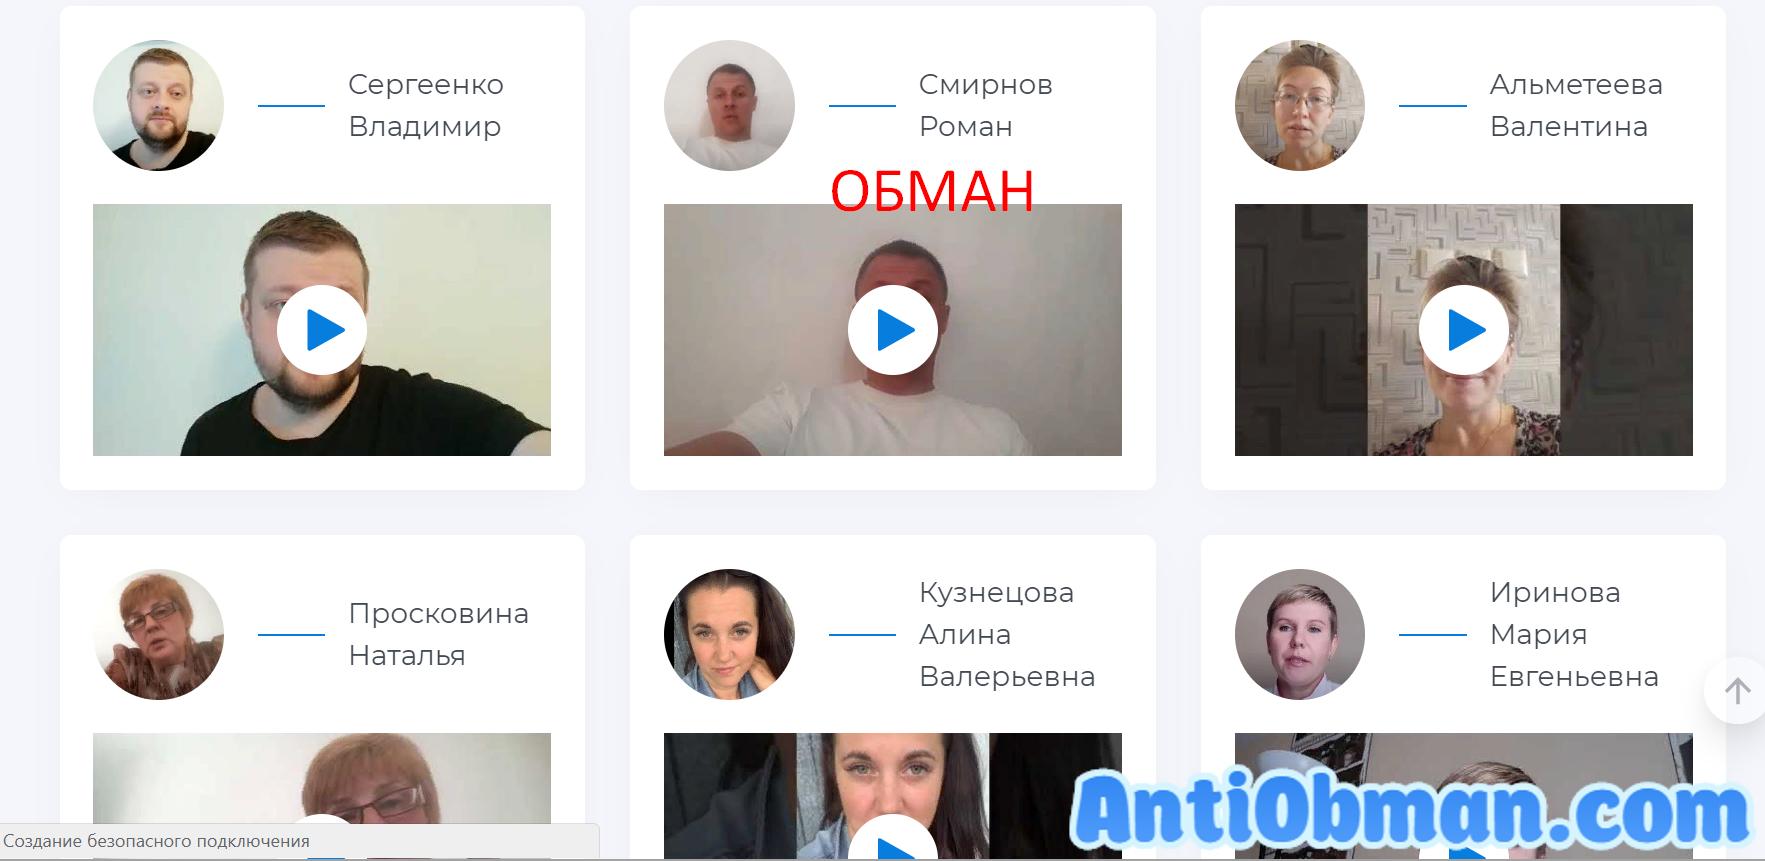 МедФарм (pkmedfarm.ru) - отзывы и проверка